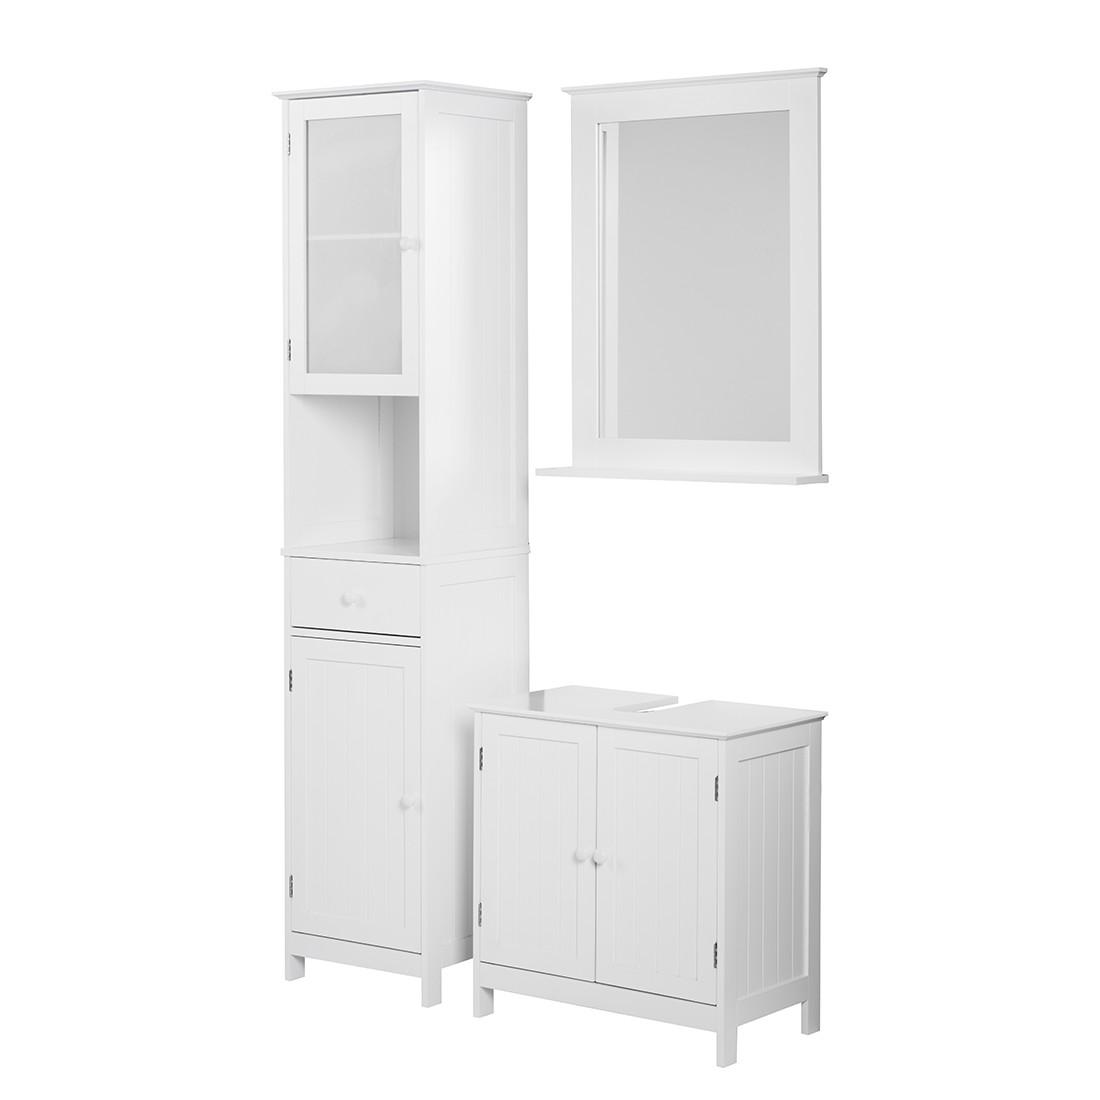 Ensemble Turin - Blanc - 3 éléments : meuble lavabo, armoire à miroir, armoire haute, Giessbach